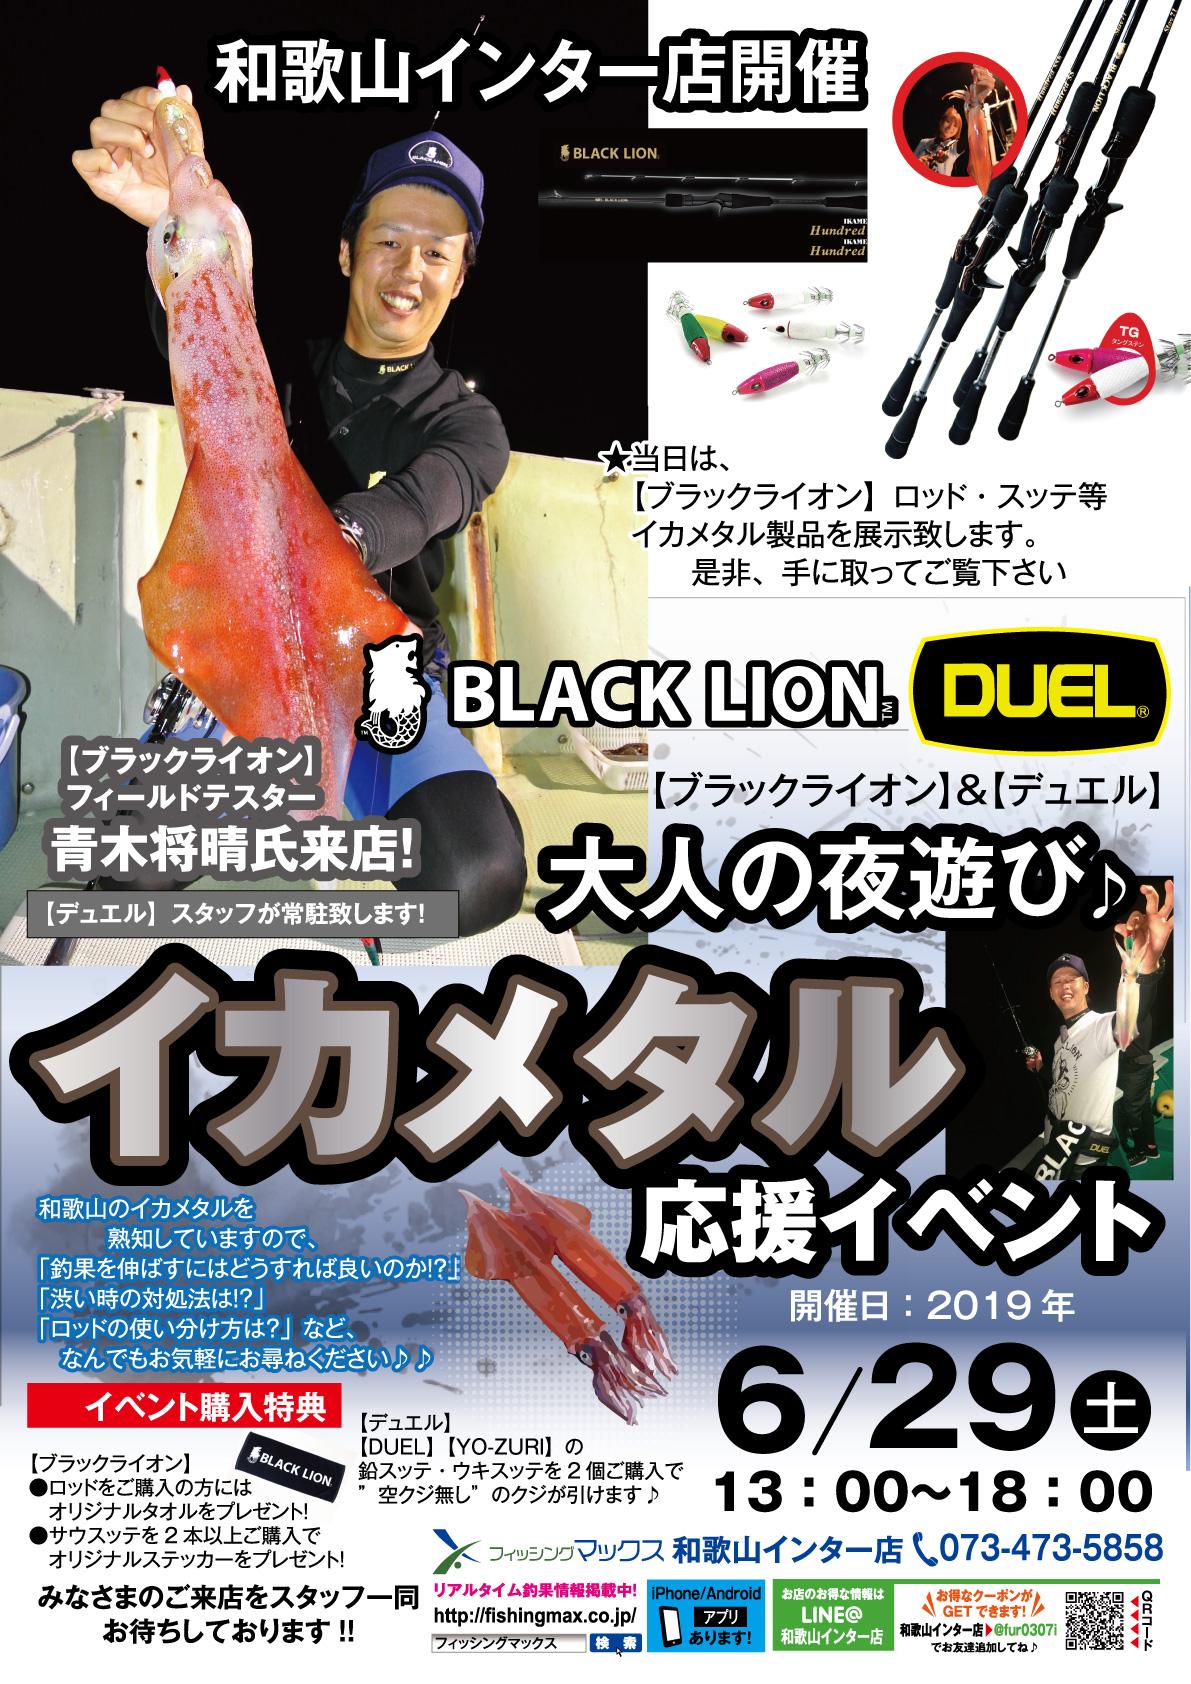 フィッシングMax和歌山店様で展示イベント